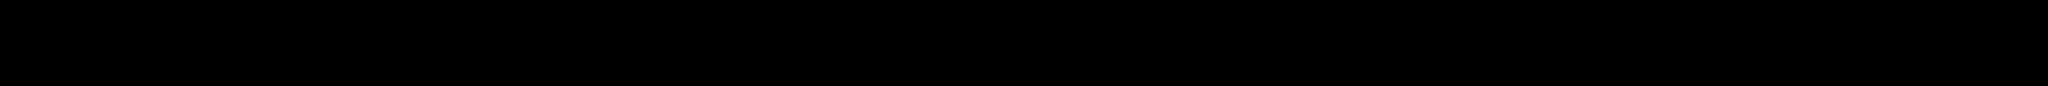 PIONEER Estéreos